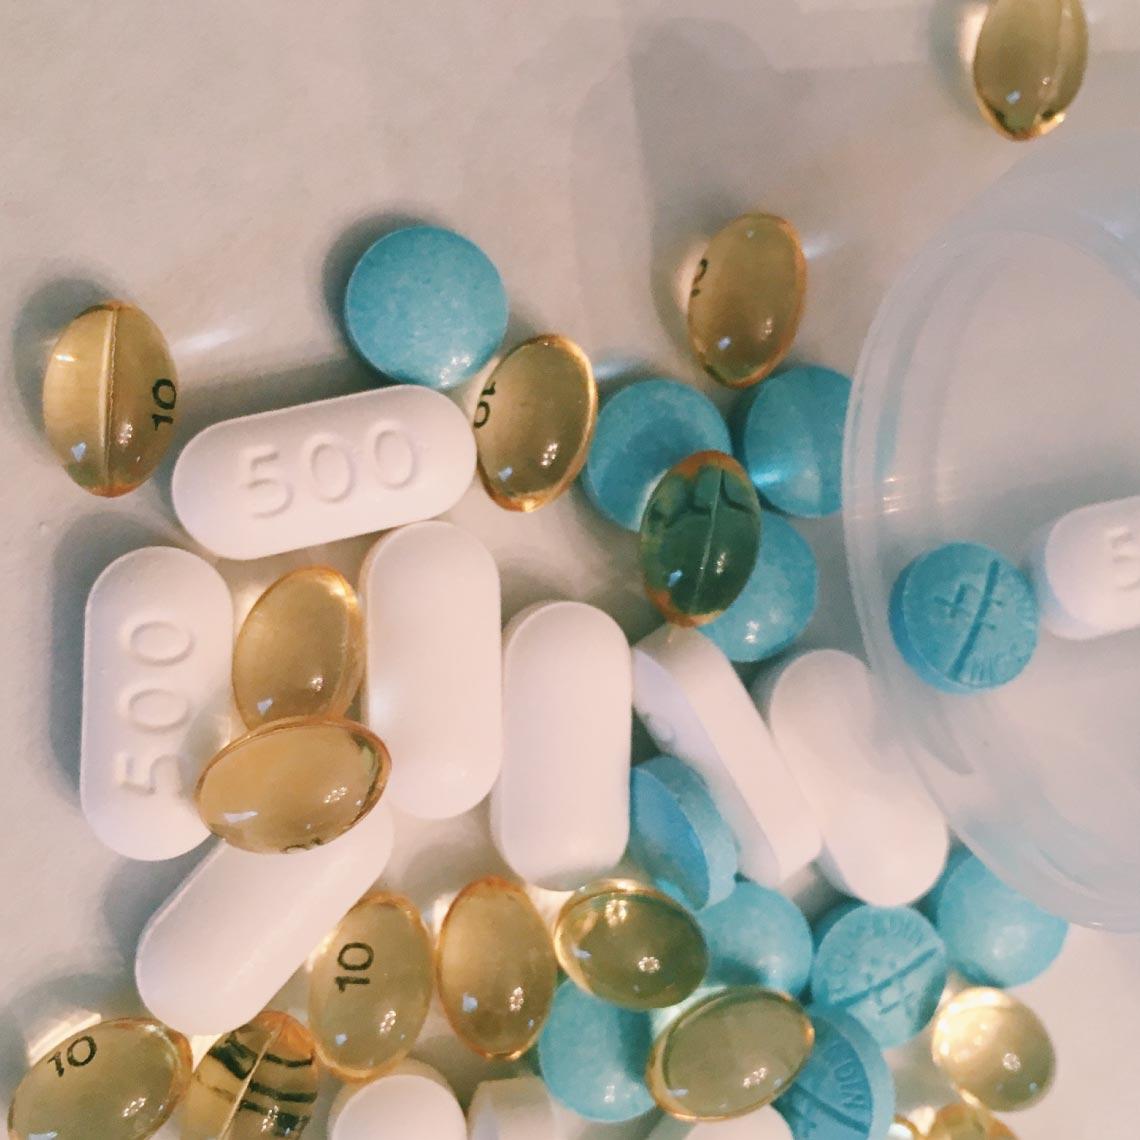 סל התרופות - סוכן ביטוח בריאות טד בר